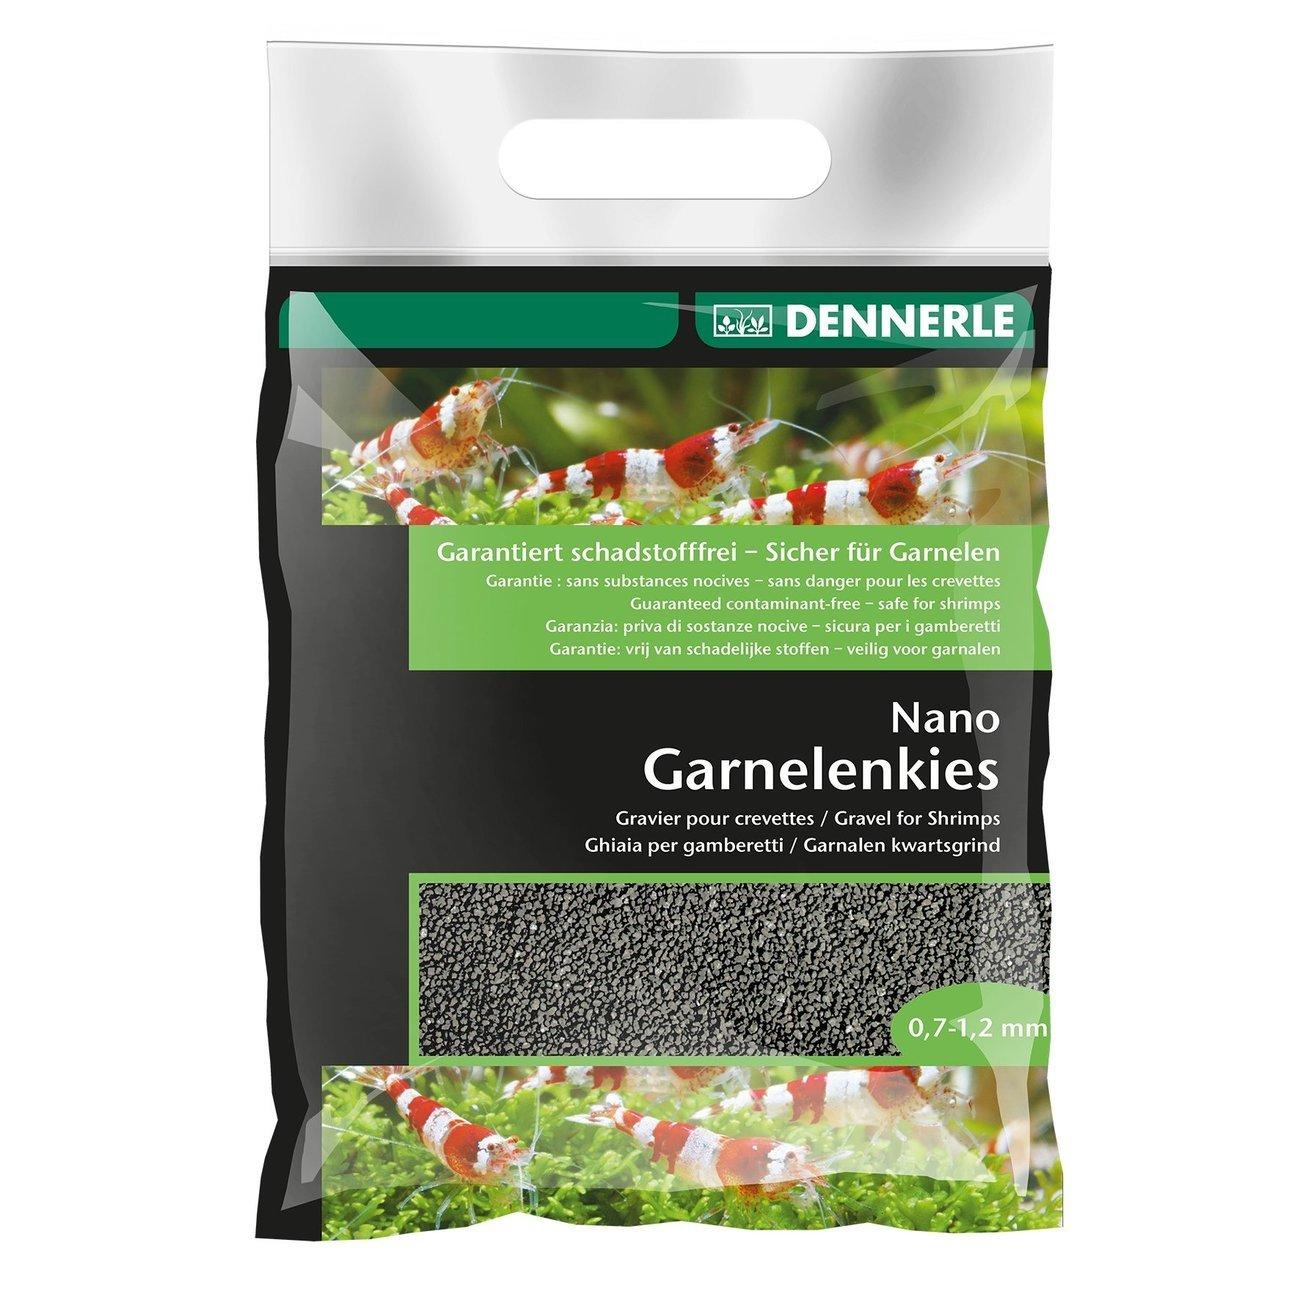 Dennerle Nano Garnelenkies, Bild 4